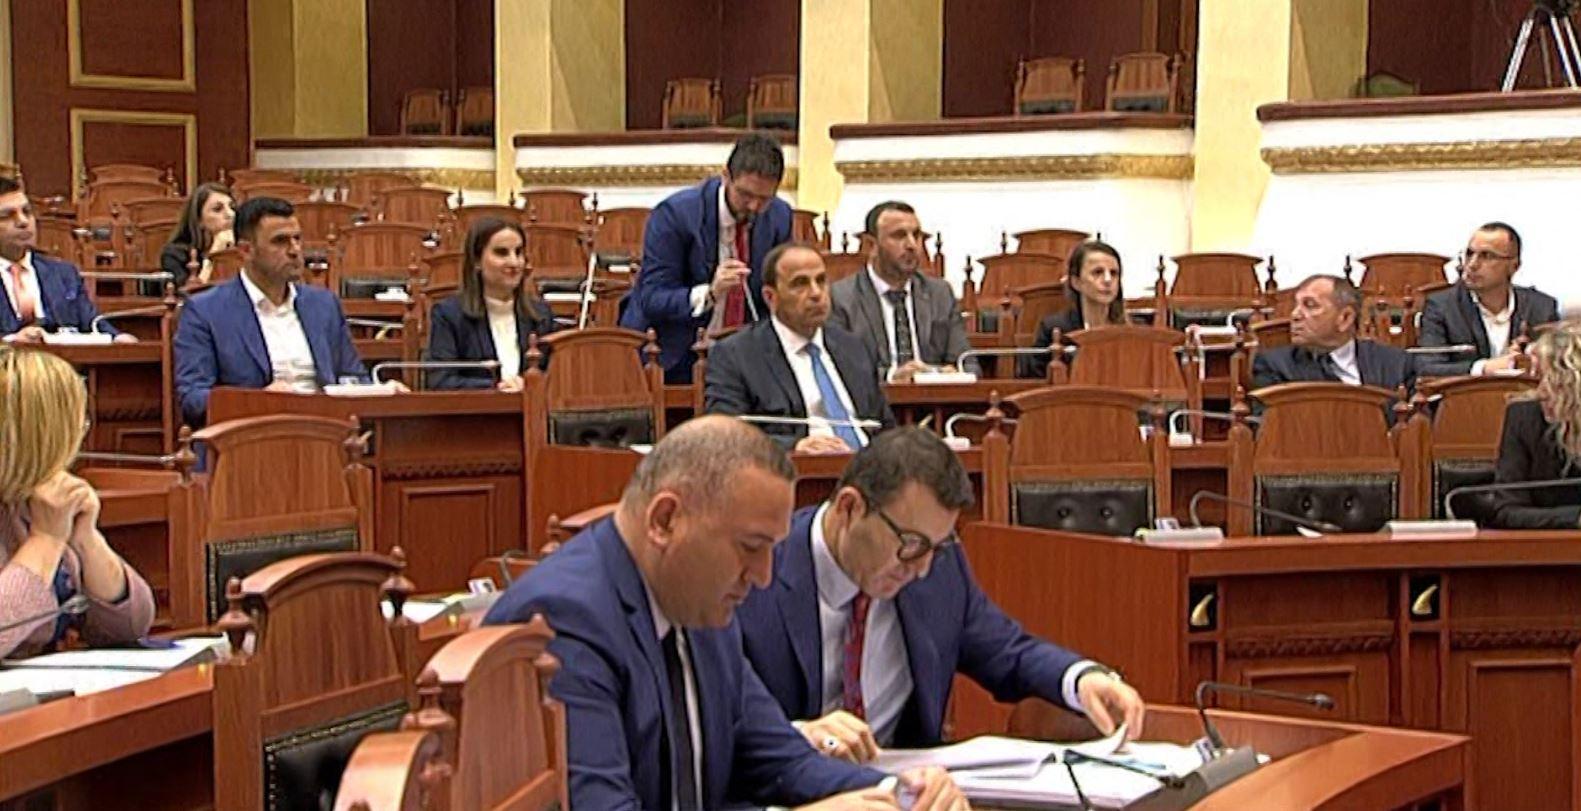 Betohen 6 deputetë të rinj në Kuvend